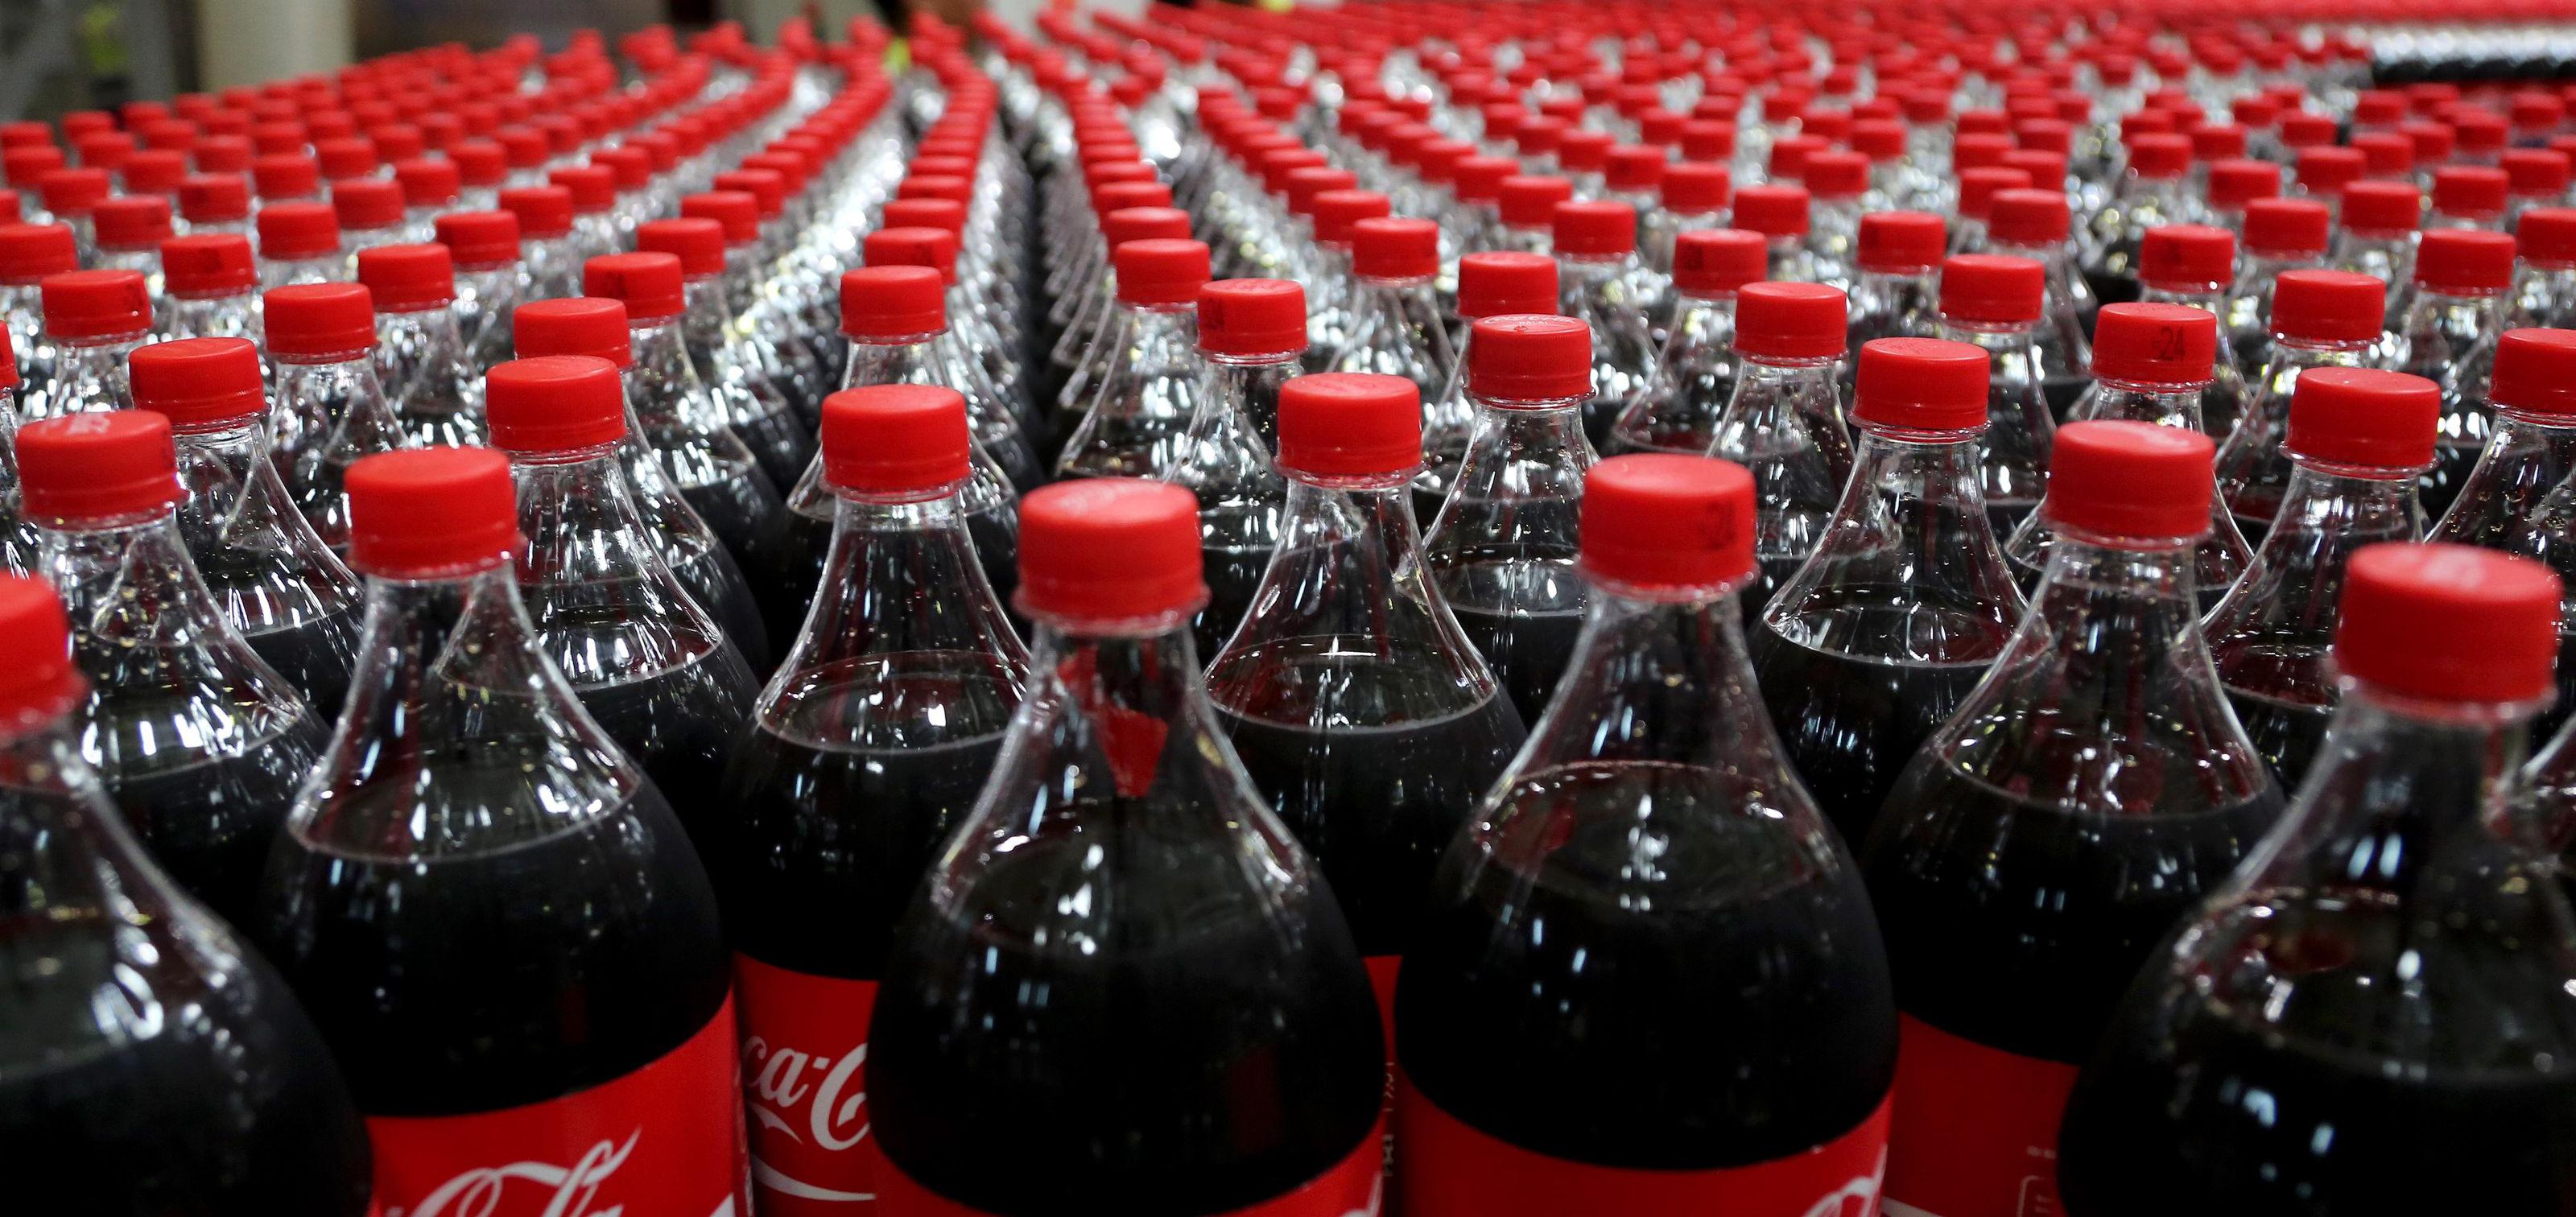 Home - Coca-Cola UNITED